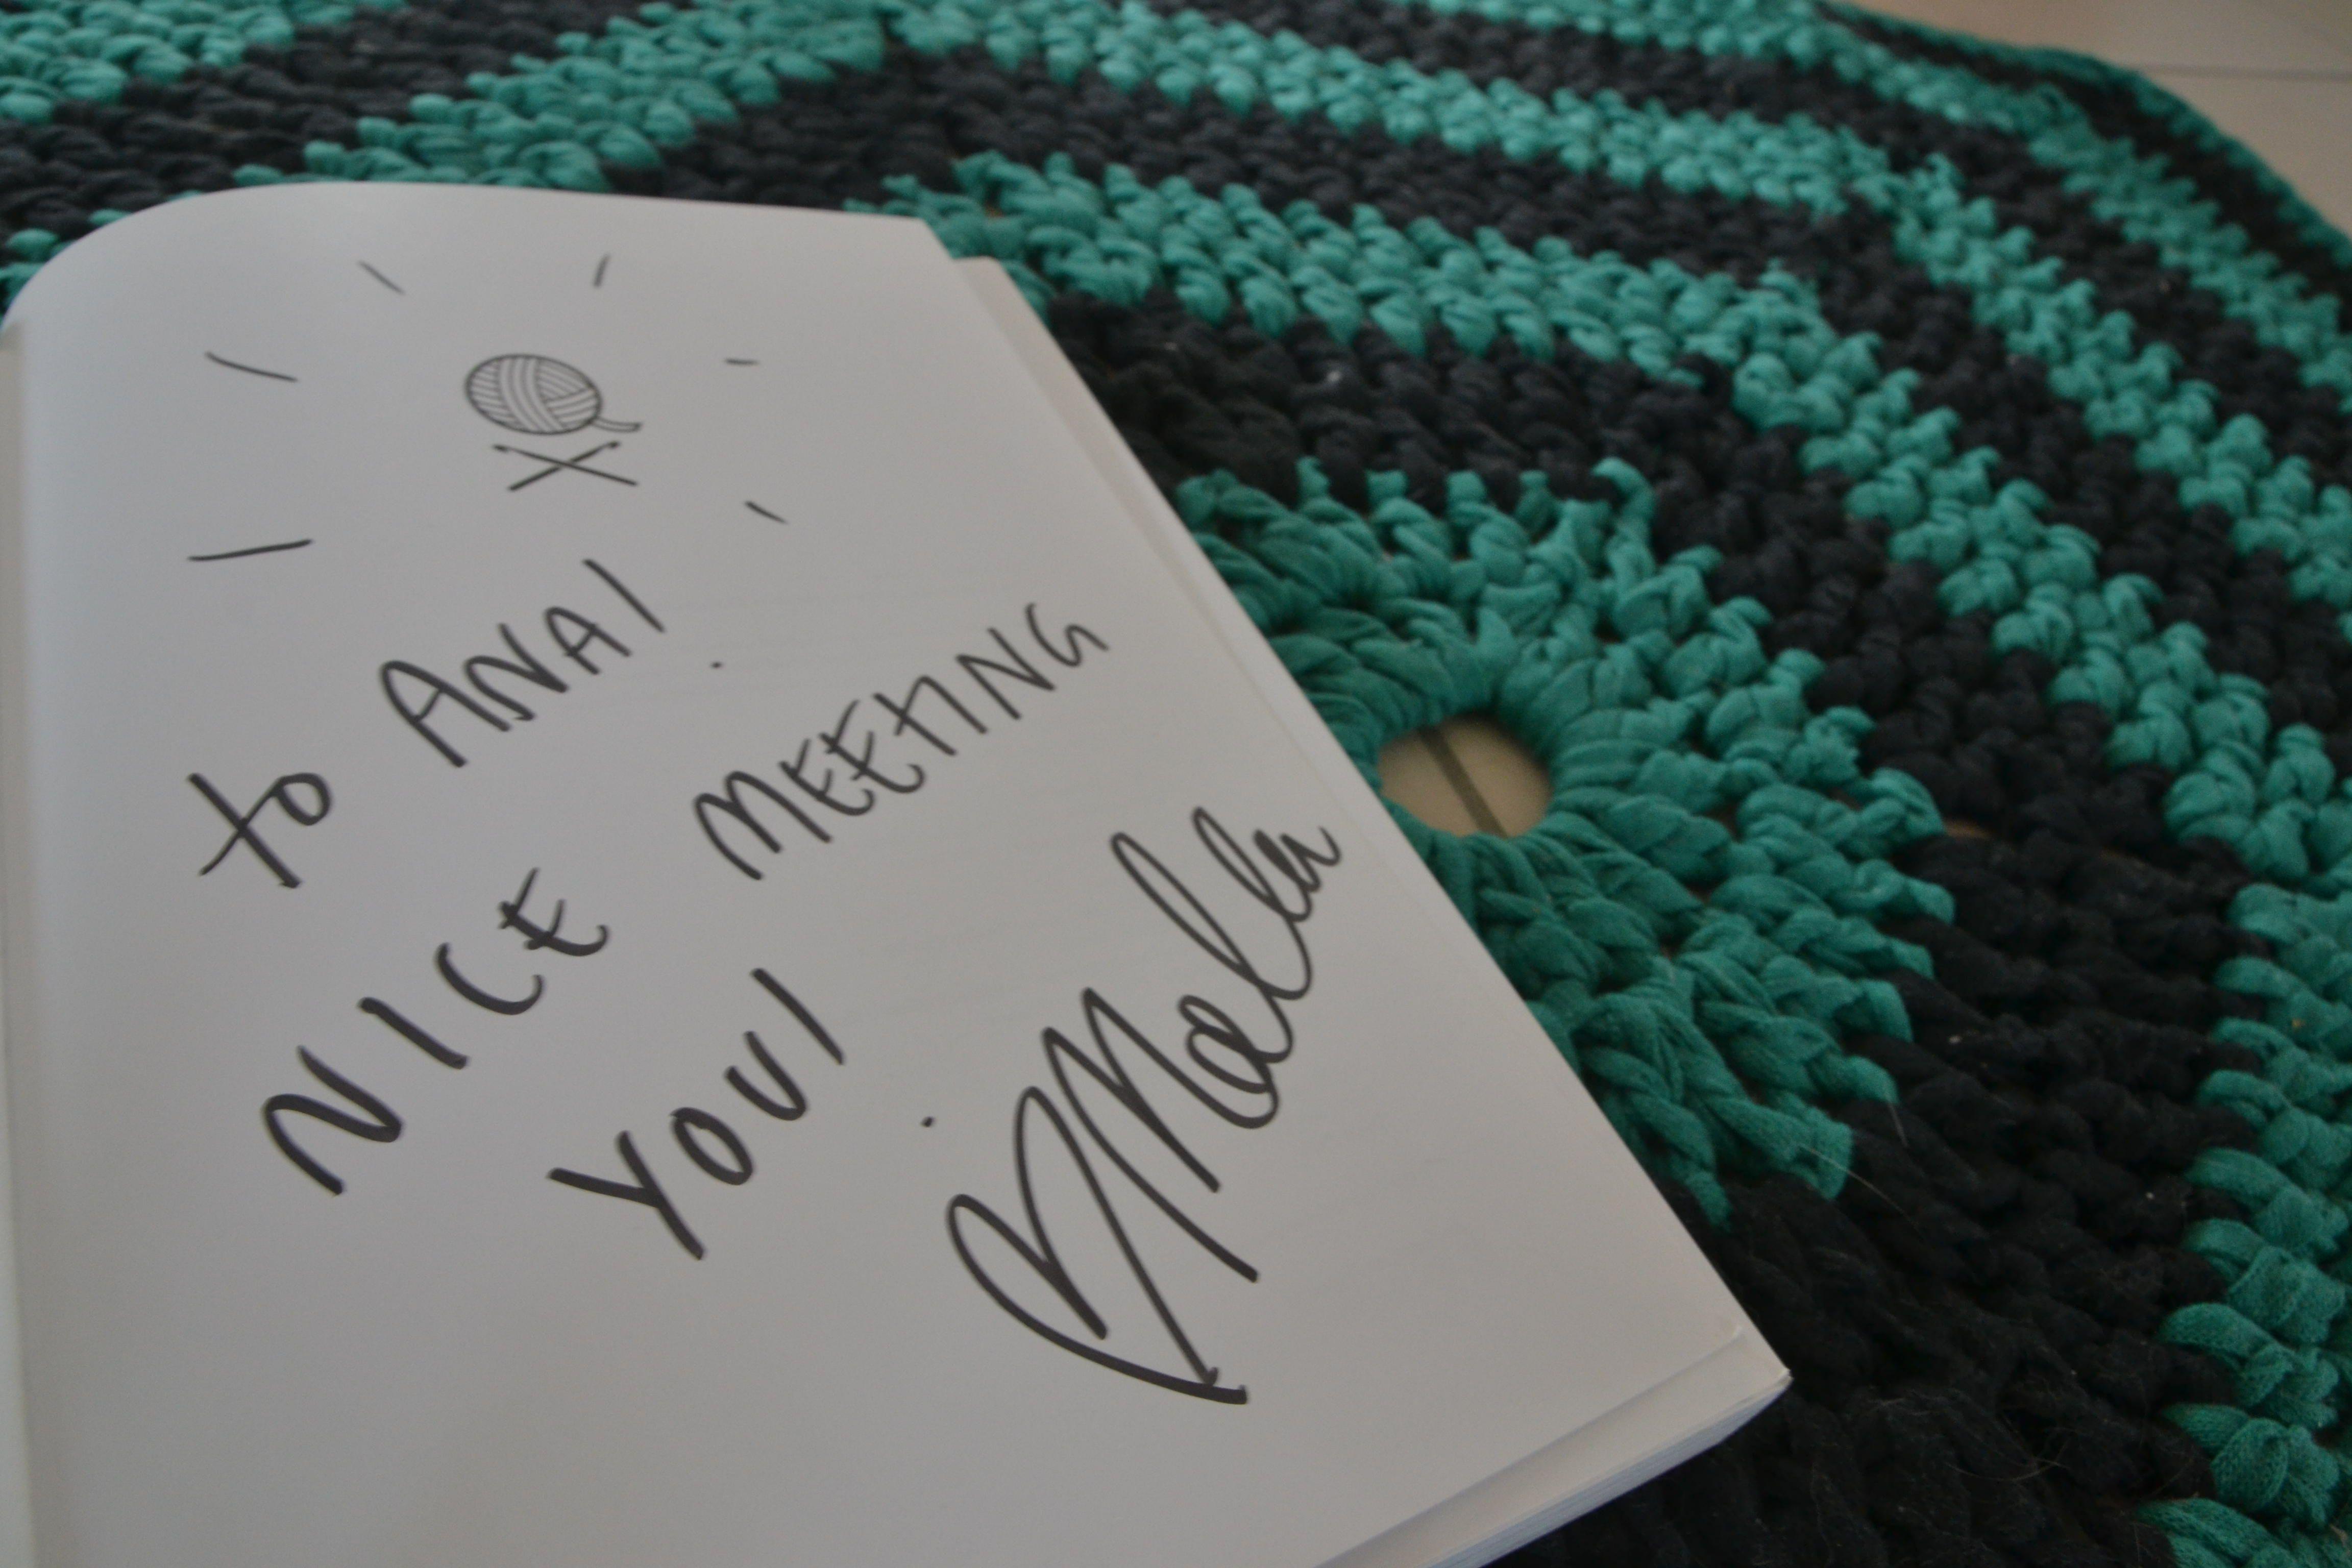 Génération Crochet - Molla Mills